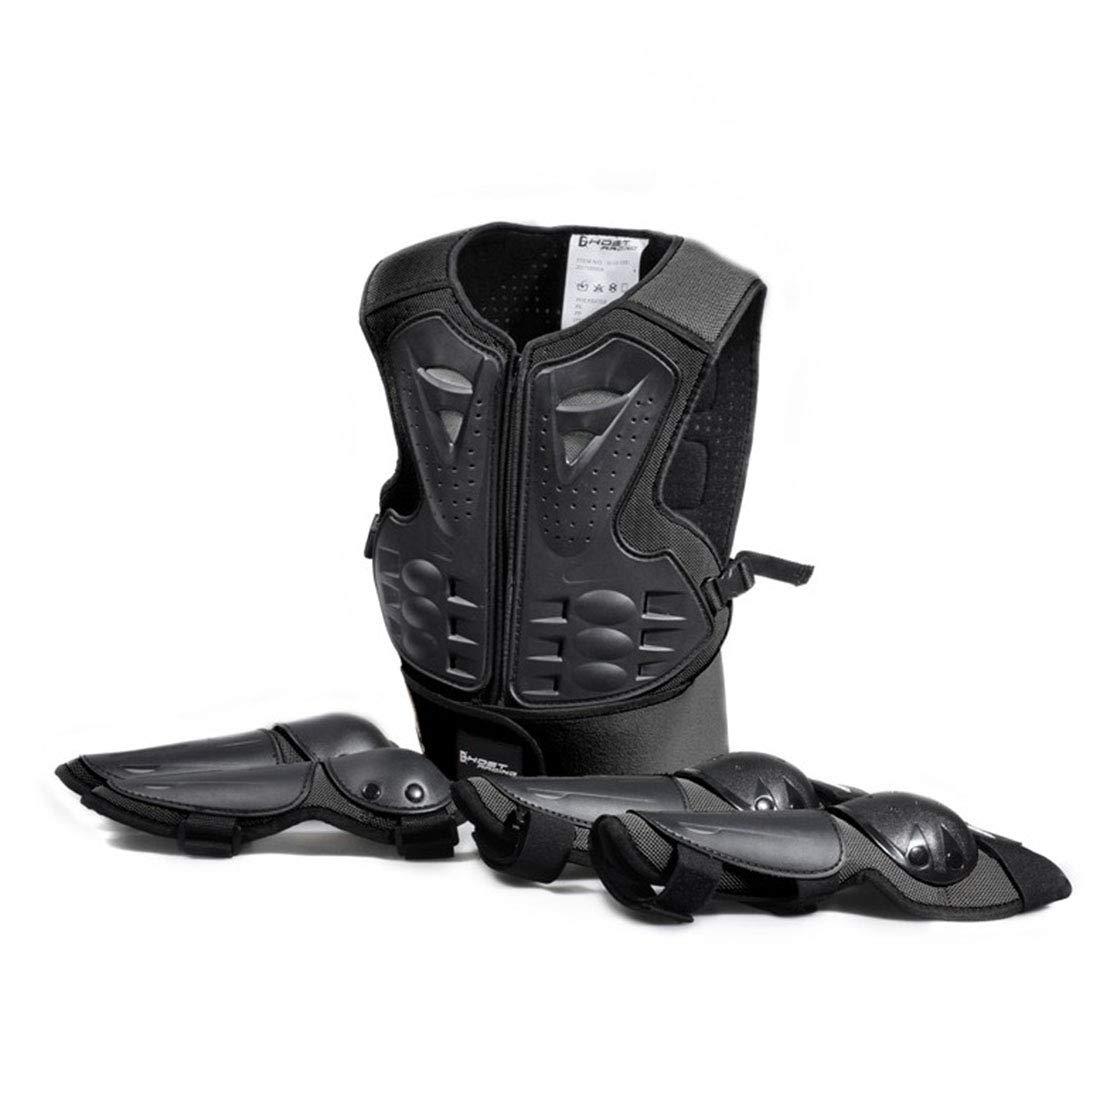 品質は非常に良い 方朝日スポーツ用品店 黒 Dirtbikeバイク用の鎧保護カバーモトクロススキースノーボードスポーツジャケットオートバイレーシングボディプロテクティブ (色 : 黒) 黒 黒) B07QX3V41P B07QX3V41P, 大滝村:dd72716f --- adornedu.com